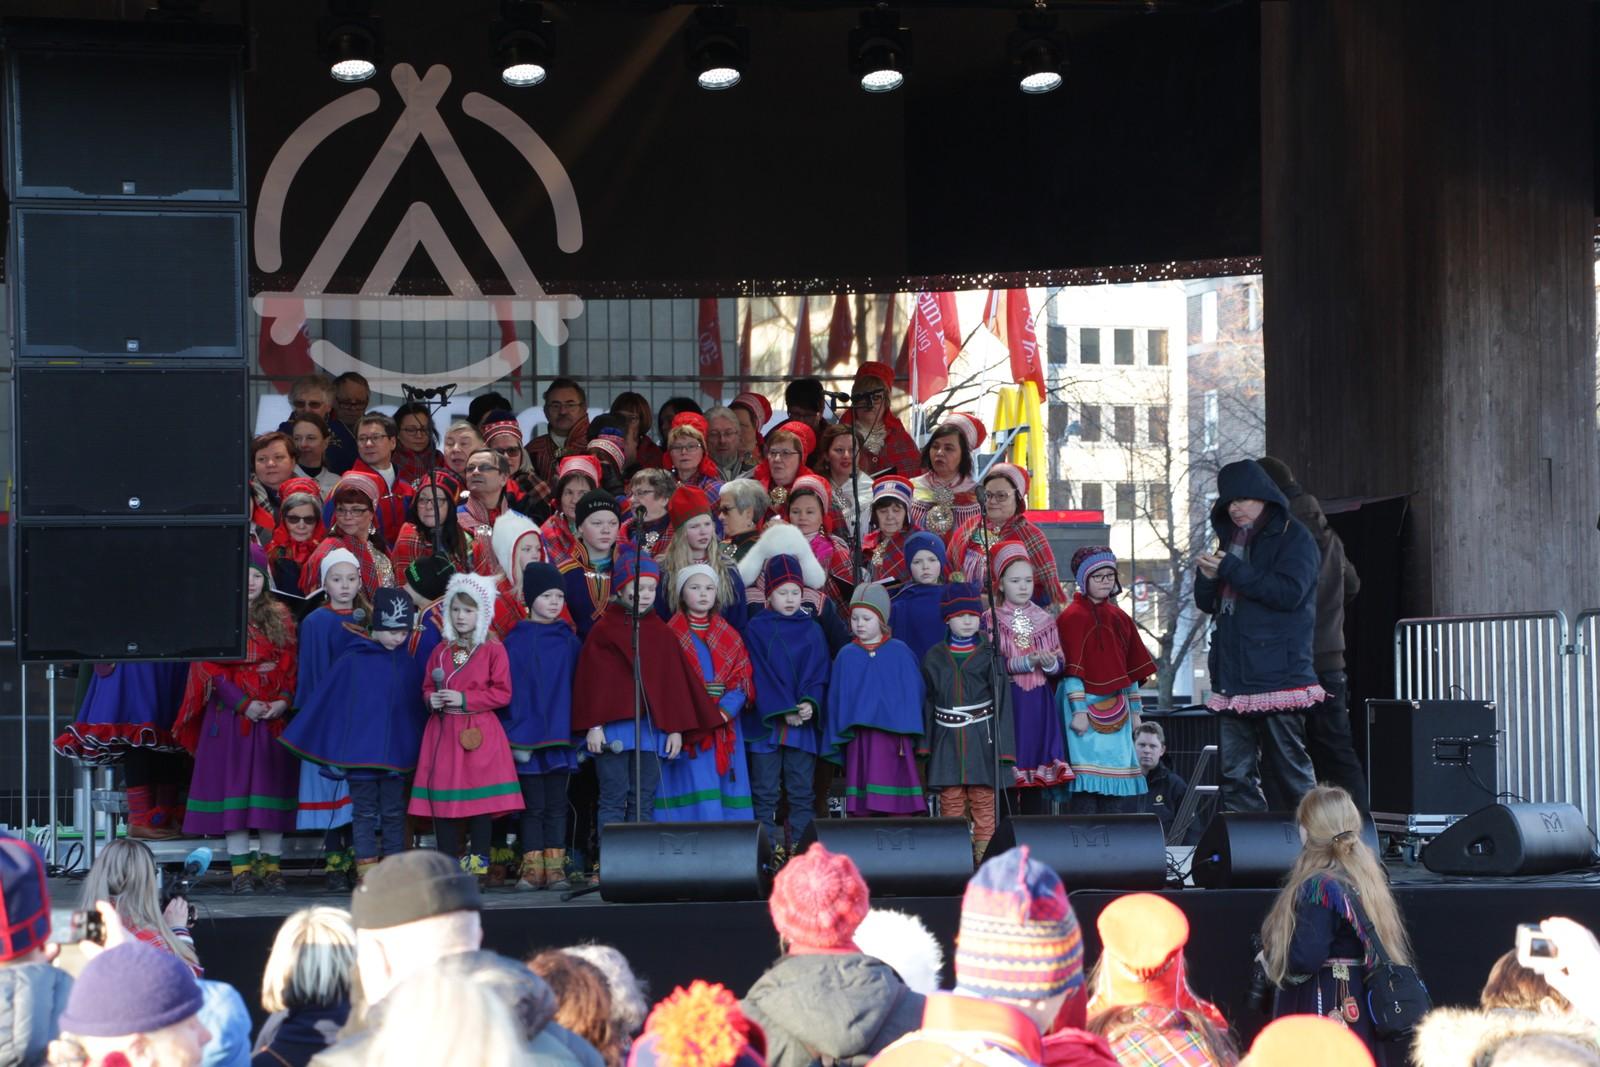 Tråante 2017s åpningsseremoni på Trondheim torg. Barnekor joiker i vei for full hals.